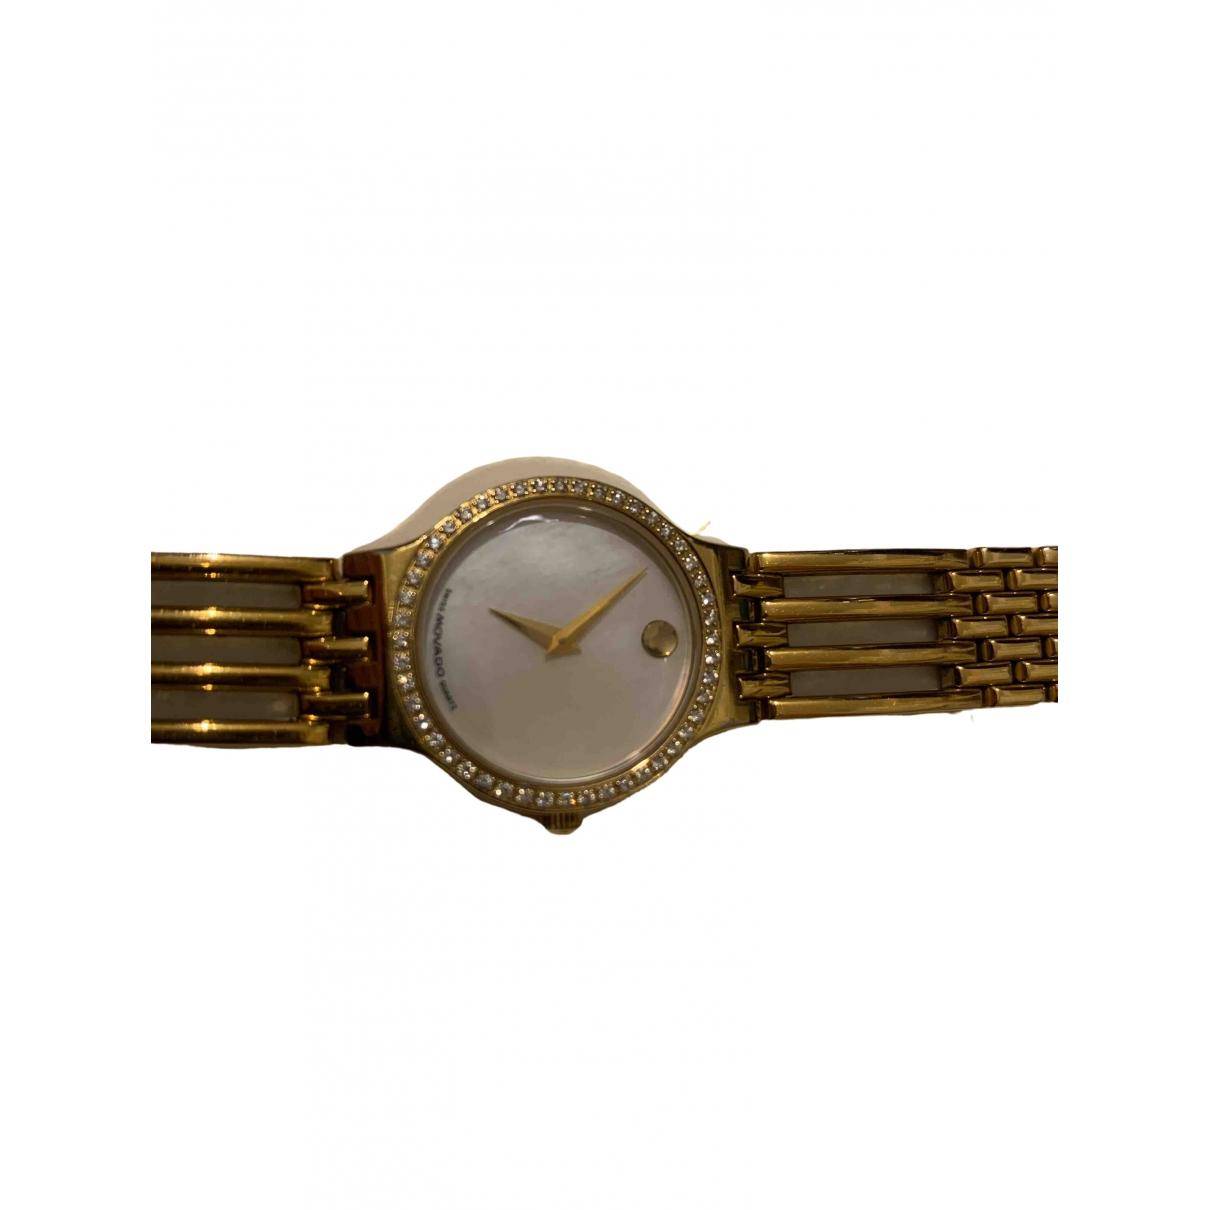 Movado \N Uhr in  Gold Vergoldet